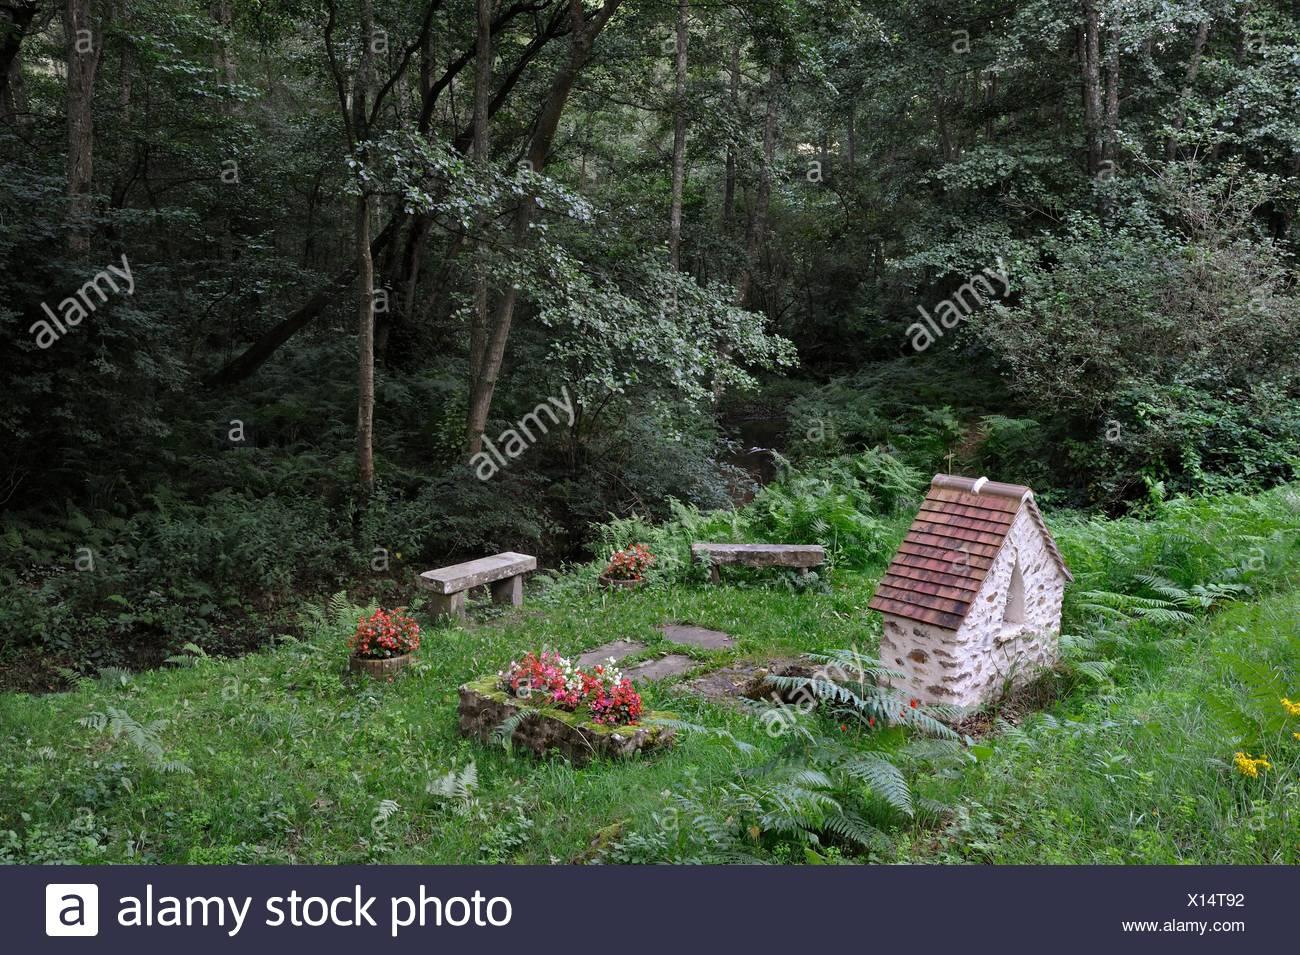 Bildstock und Saint-Fort Brunnen an der Rochers d'Angennes Ort im Wald von Rambouillet, Haute Vallée de Chevreuse Regionalen Naturpark, Stockbild